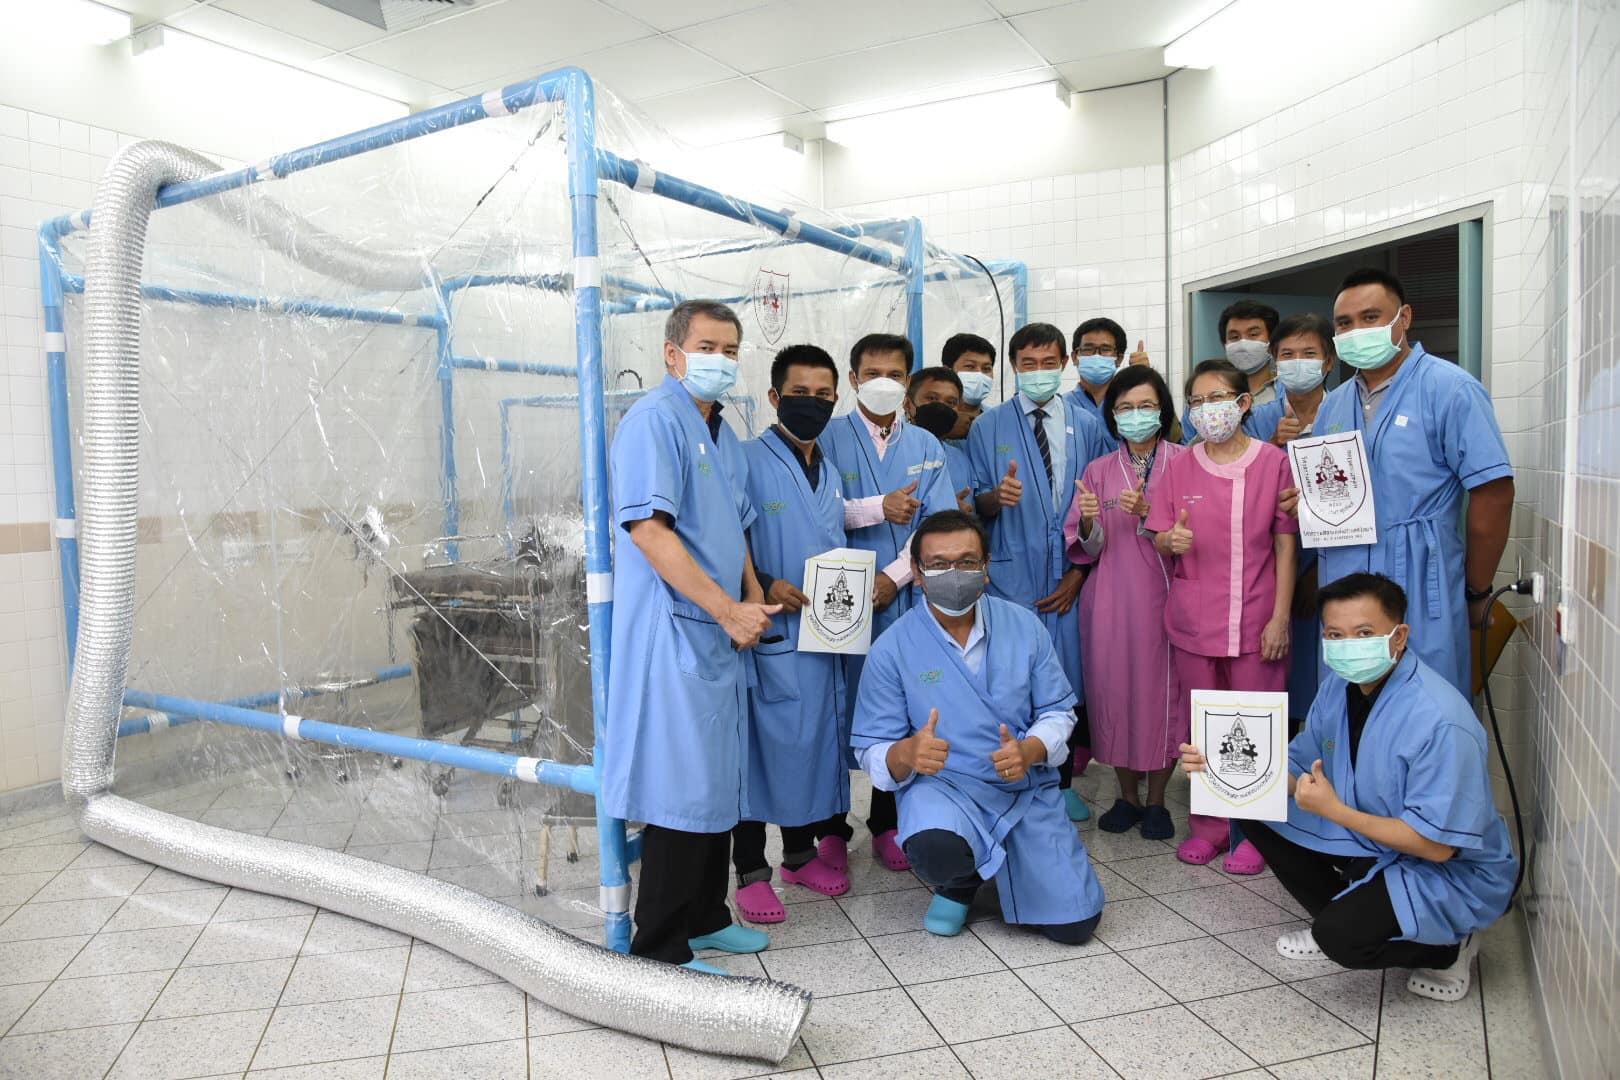 วิศวกรอาสา วิศวกรรมสถานแห่งประเทศไทยฯ (วสท.) ร่วมประกอบตู้ความดันลบมอบแก่ โรงพยาบาลซีจีเอช (พหลโยธิน) จำนวน 2 ตู้